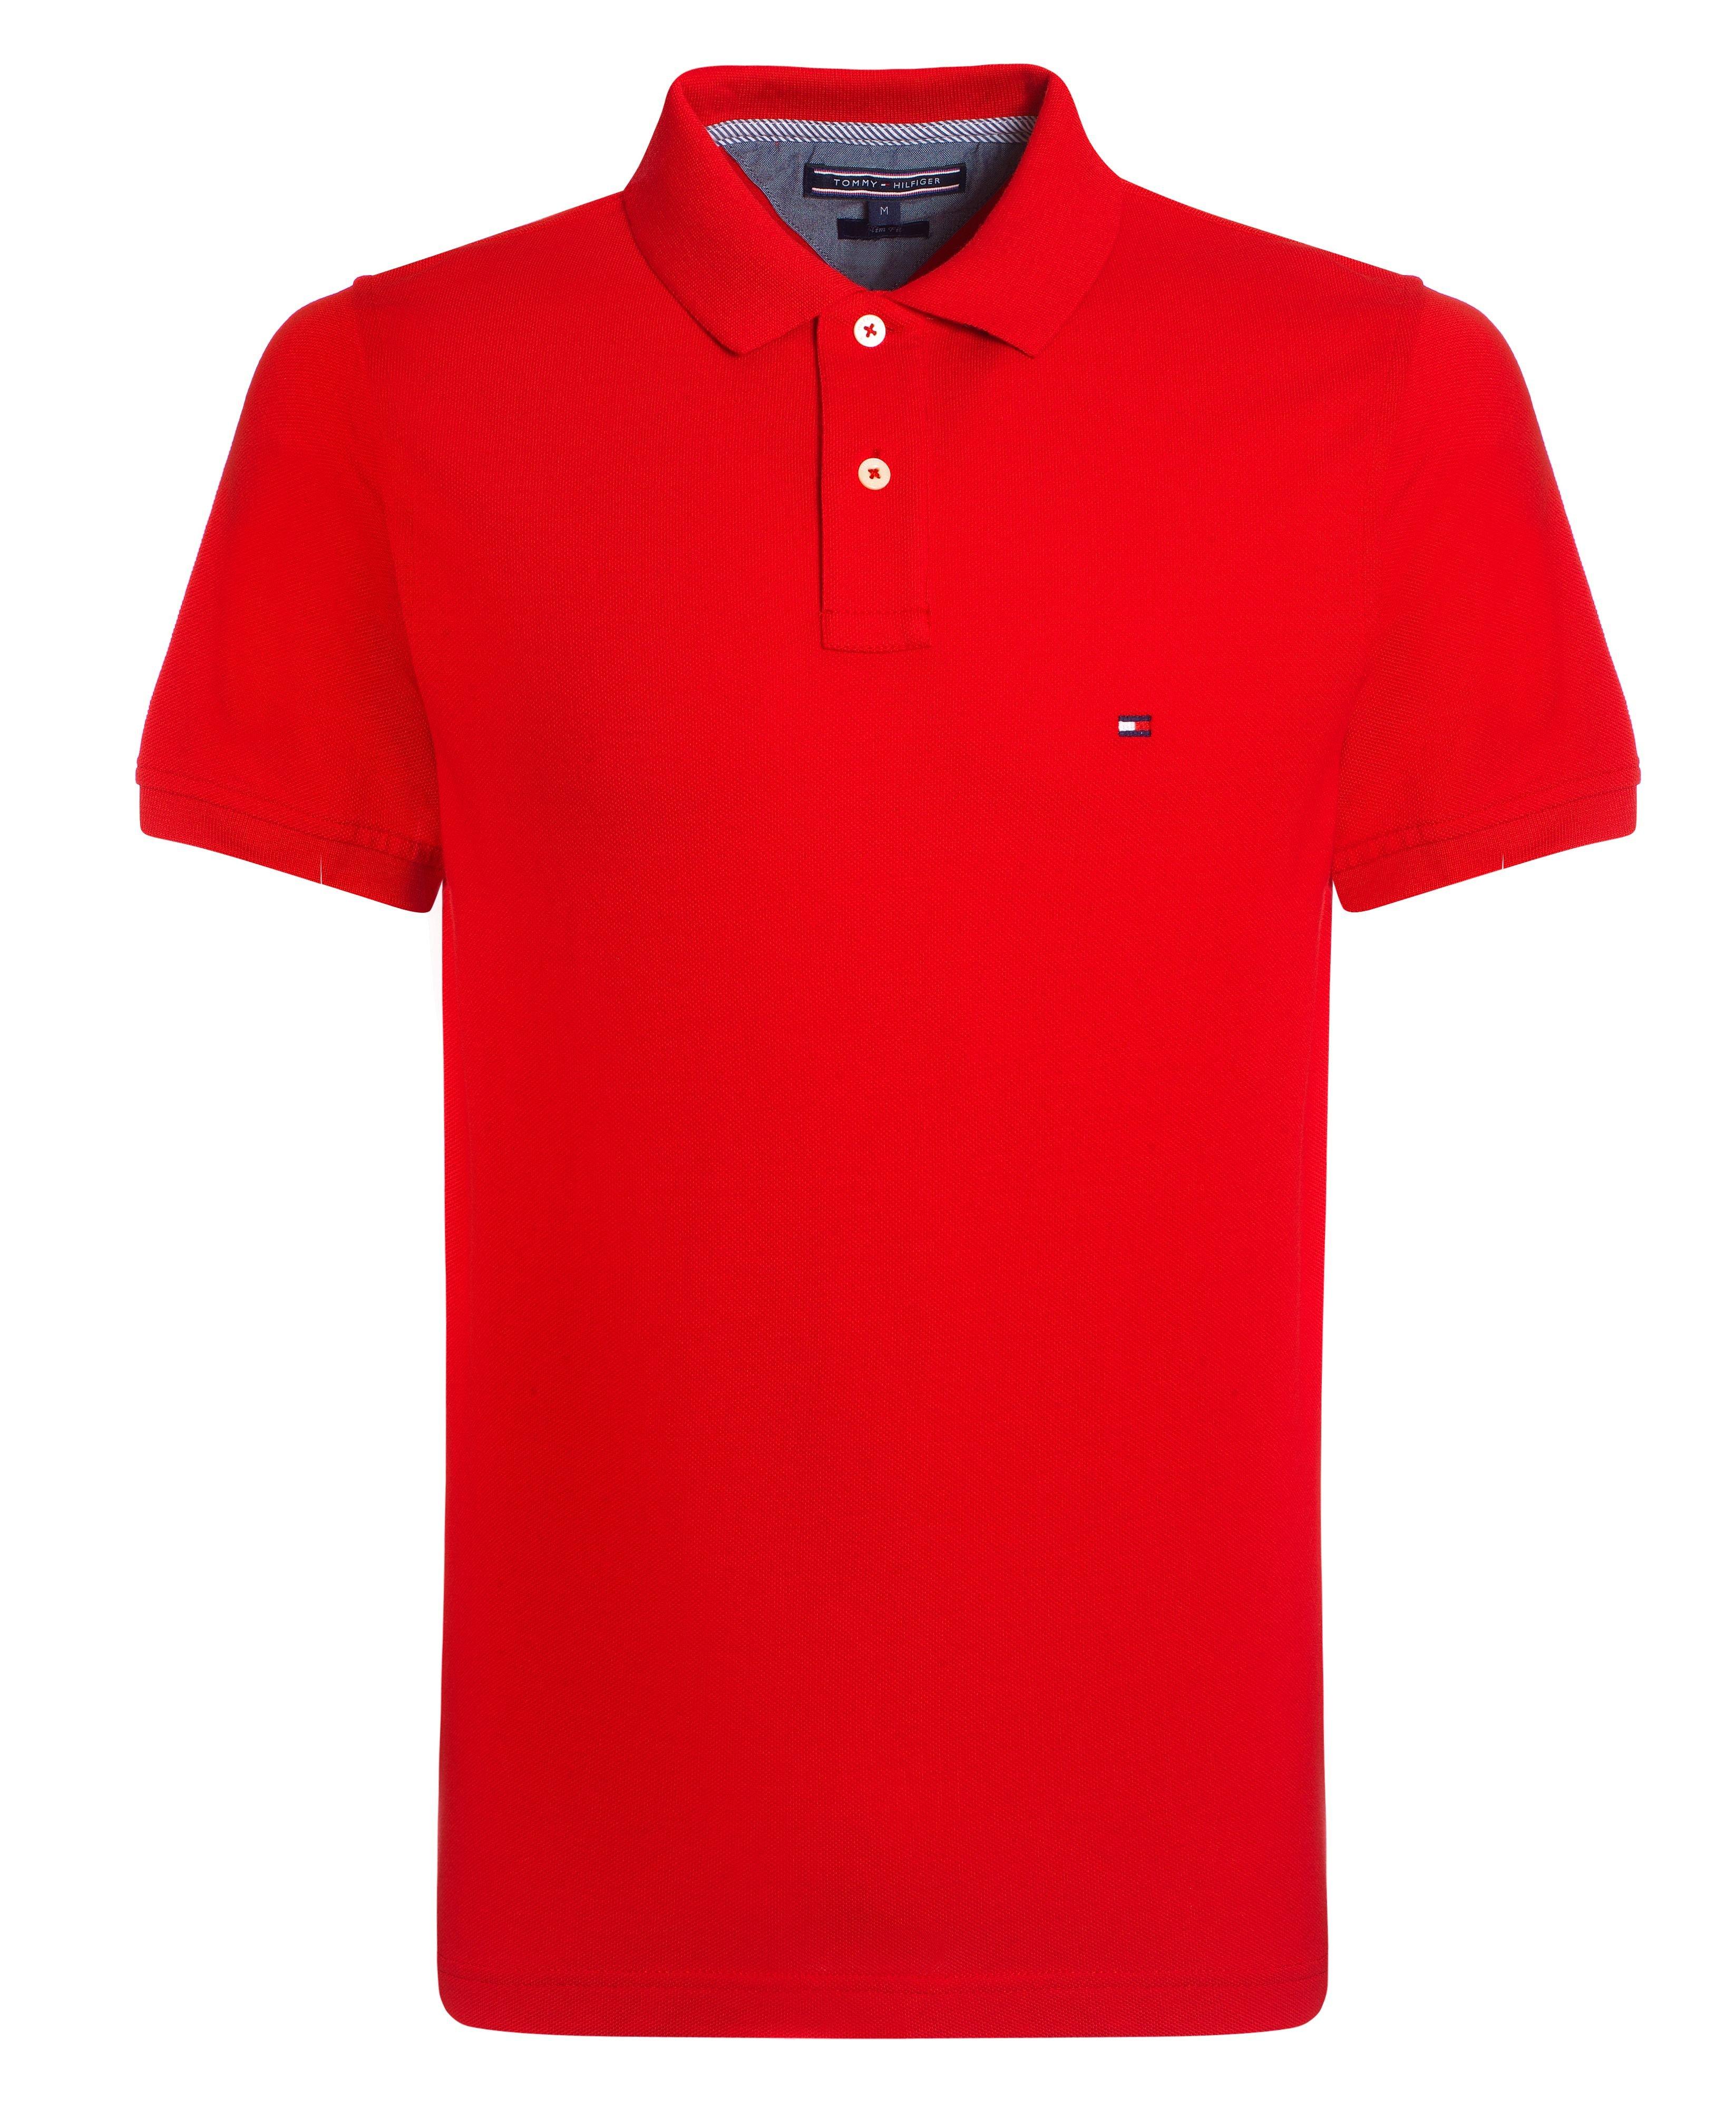 tommy hilfiger slim fit polo shirt in red for men formula. Black Bedroom Furniture Sets. Home Design Ideas